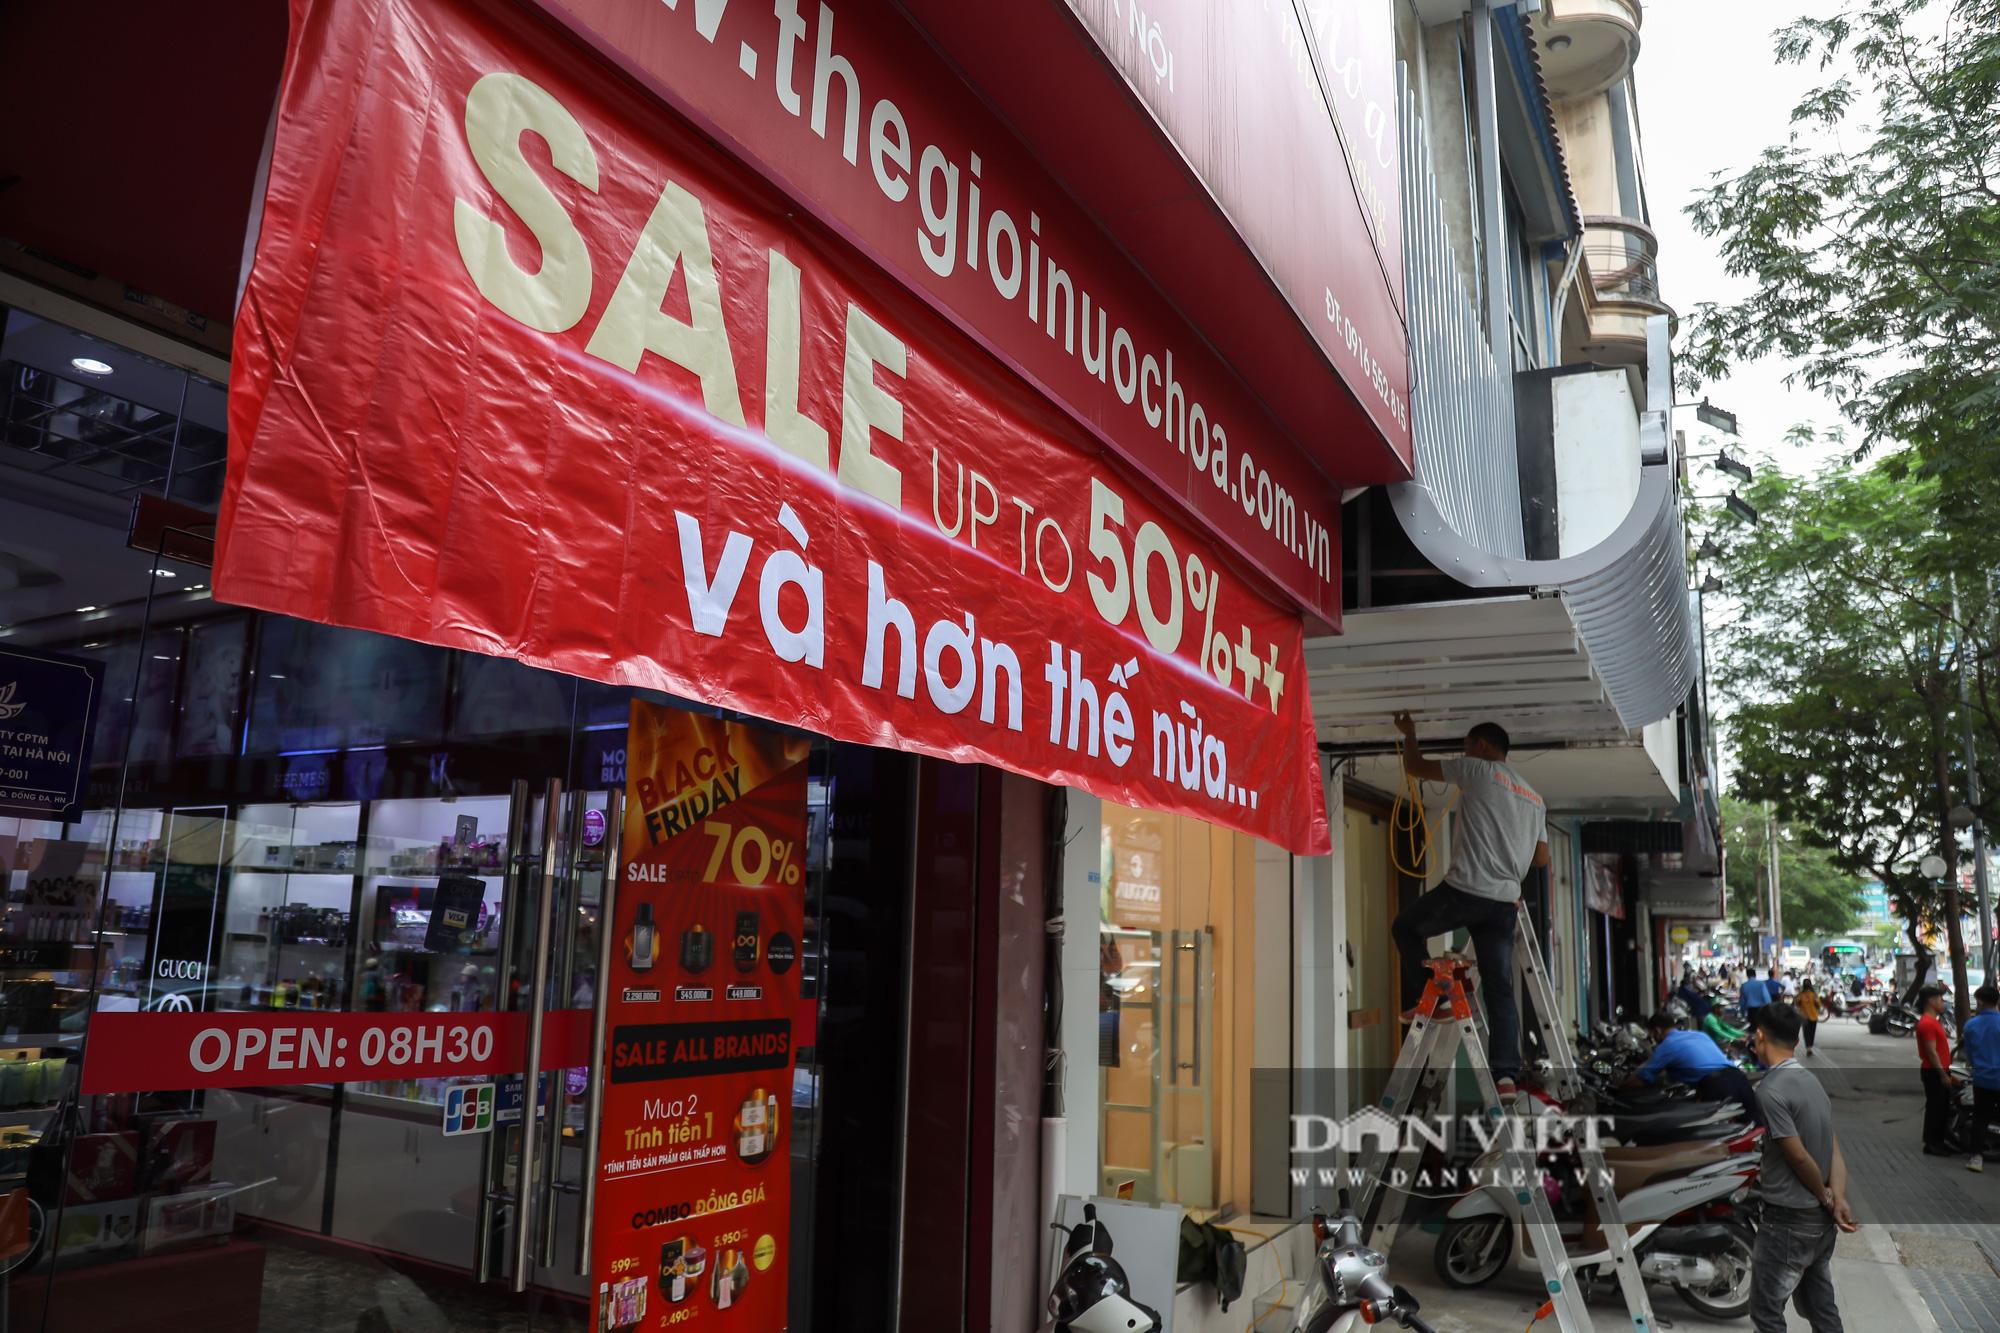 Phố thời trang Hà Nội rợp biển giảm giá 80% dù chưa đến Black Friday - Ảnh 12.